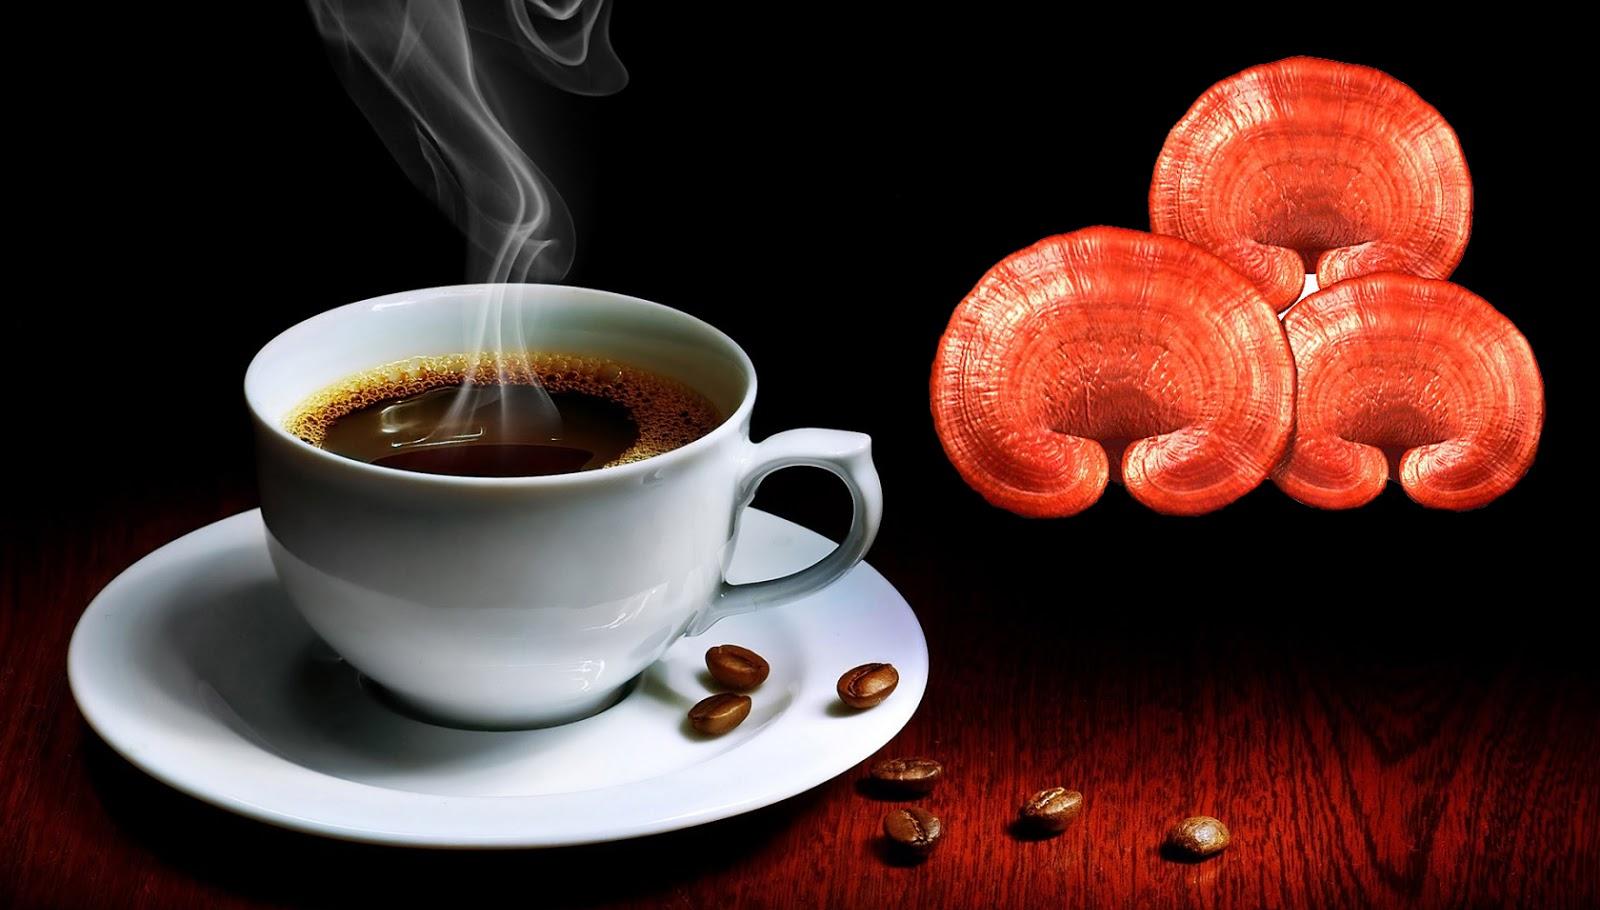 Chia sẻ: Cách giảm cân an toàn hiệu quả từ cafe nấm linh chi 1